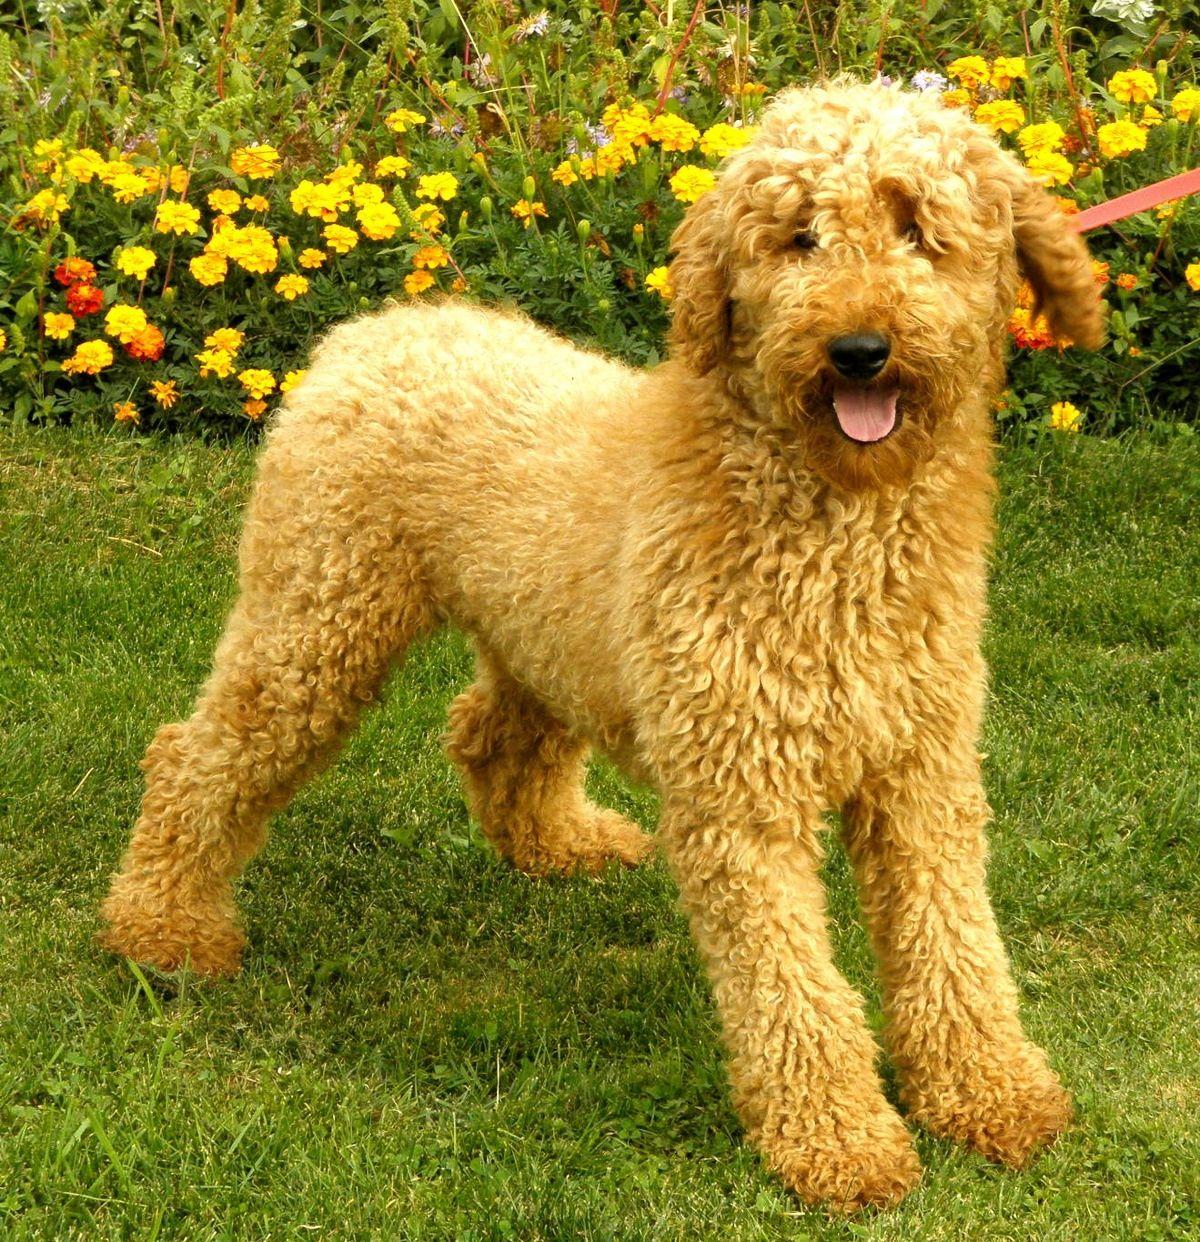 Standard poodle hair cut | poodle grooming cuts ...